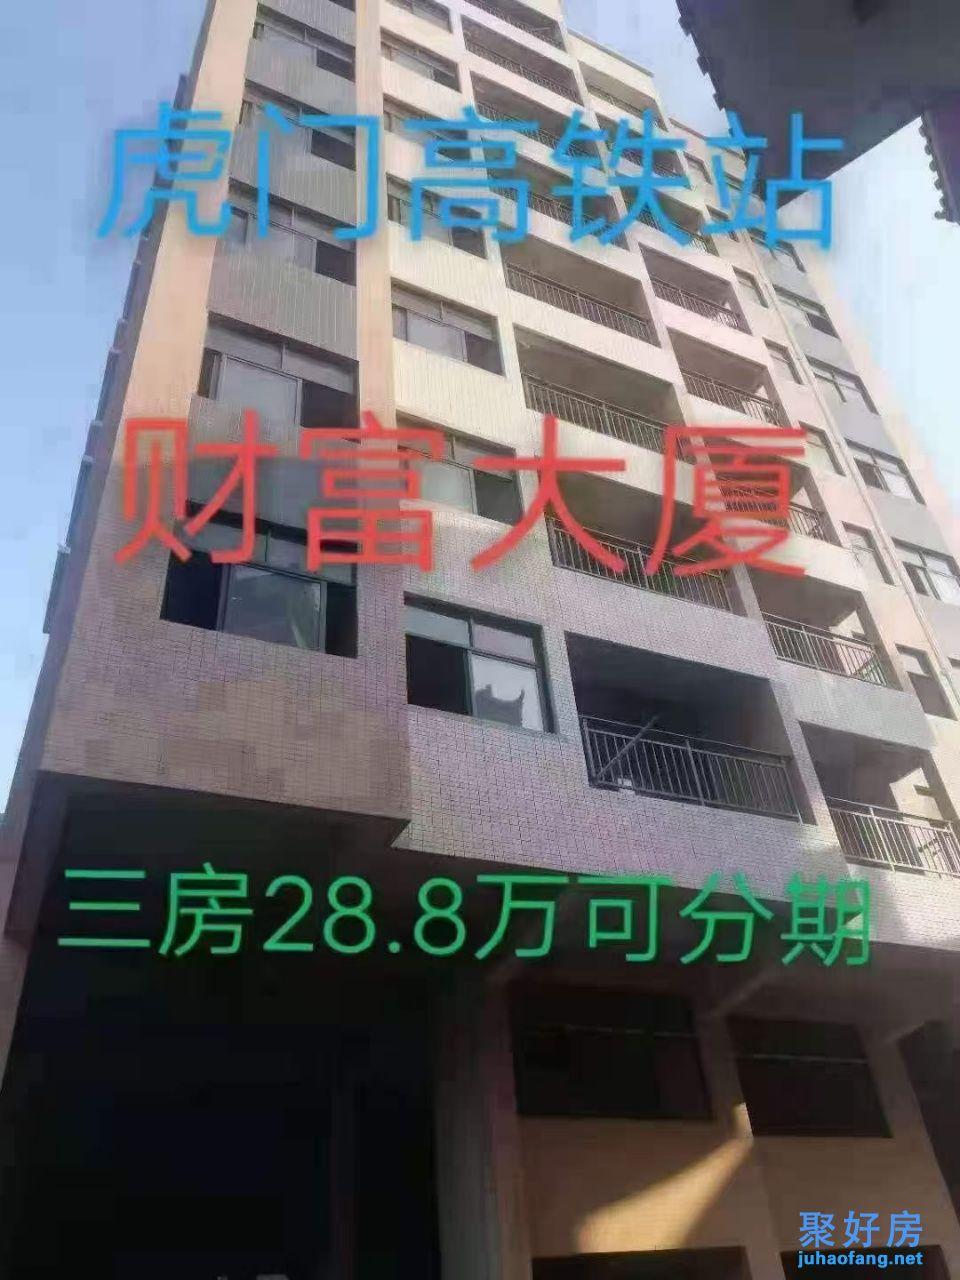 东莞虎门高铁站小产权房【财富大厦】超低价28.8万一套任选任挑买三房!